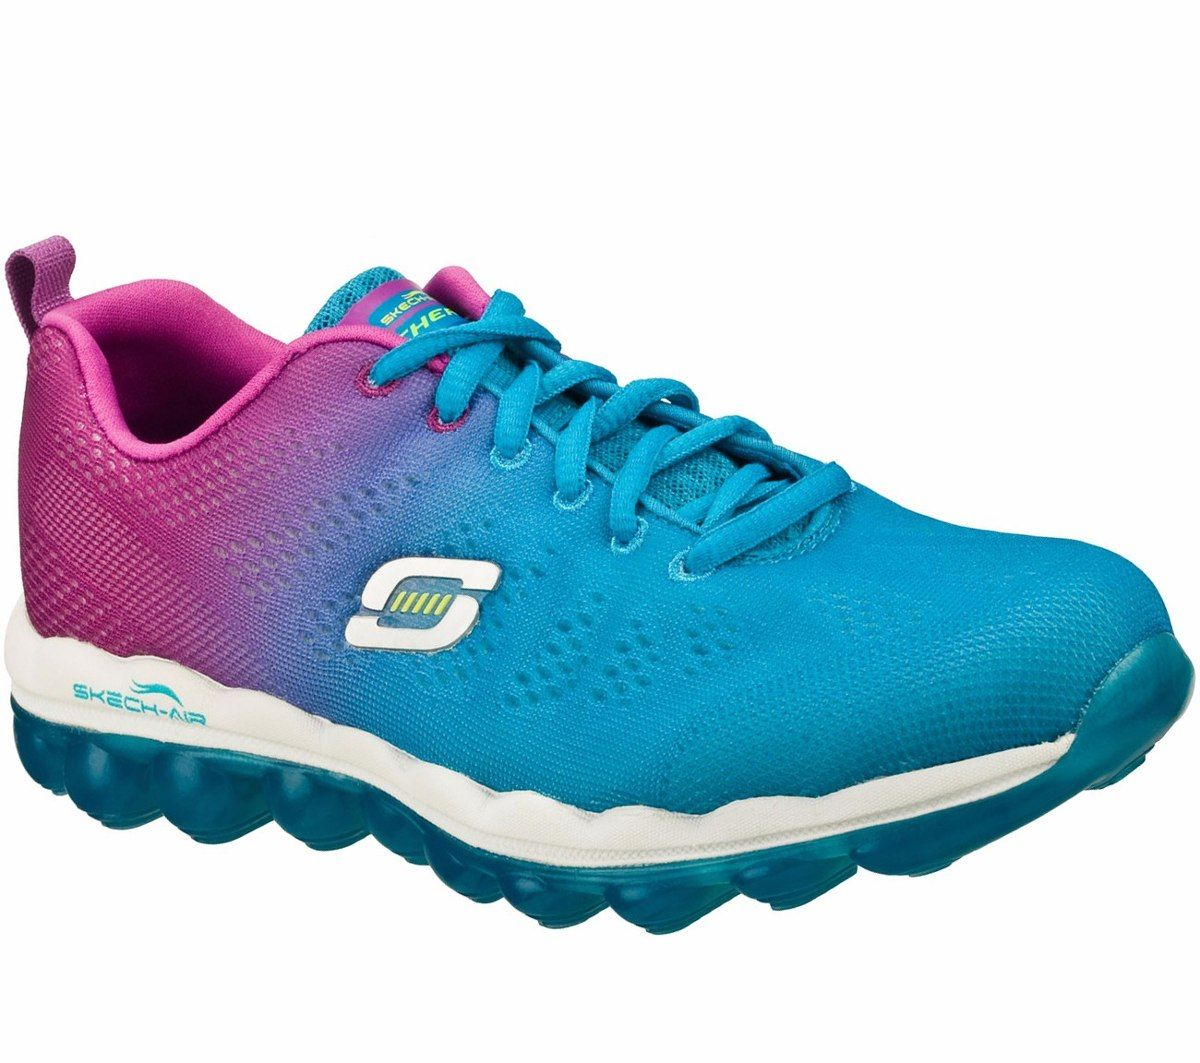 modelos de zapatos skechers para mujer